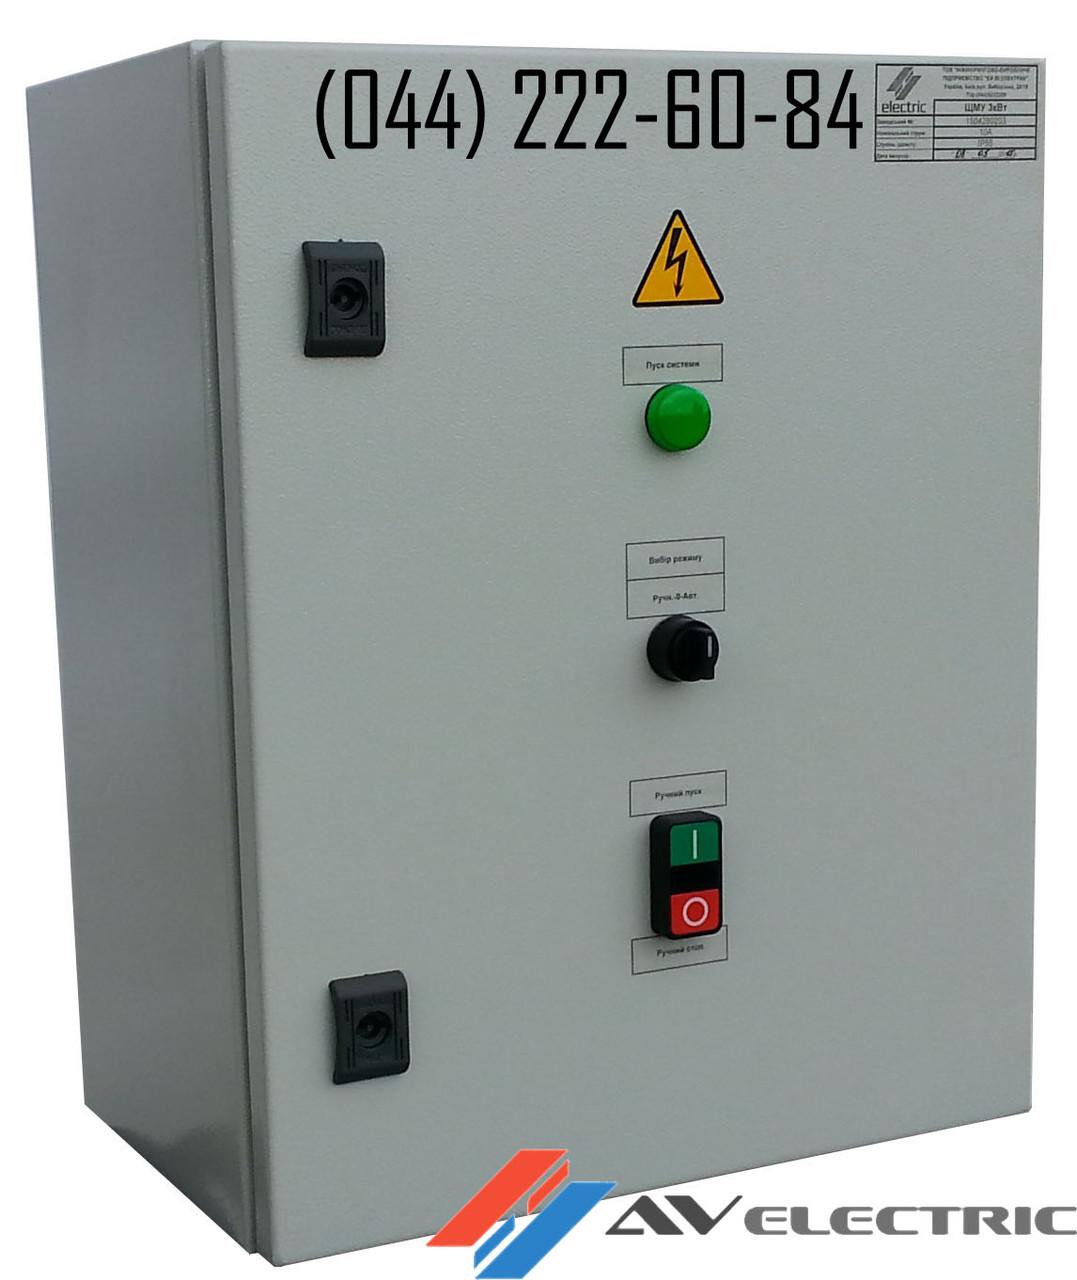 Ящик управления Я5110-2474 - КАП электро плюс в Киеве